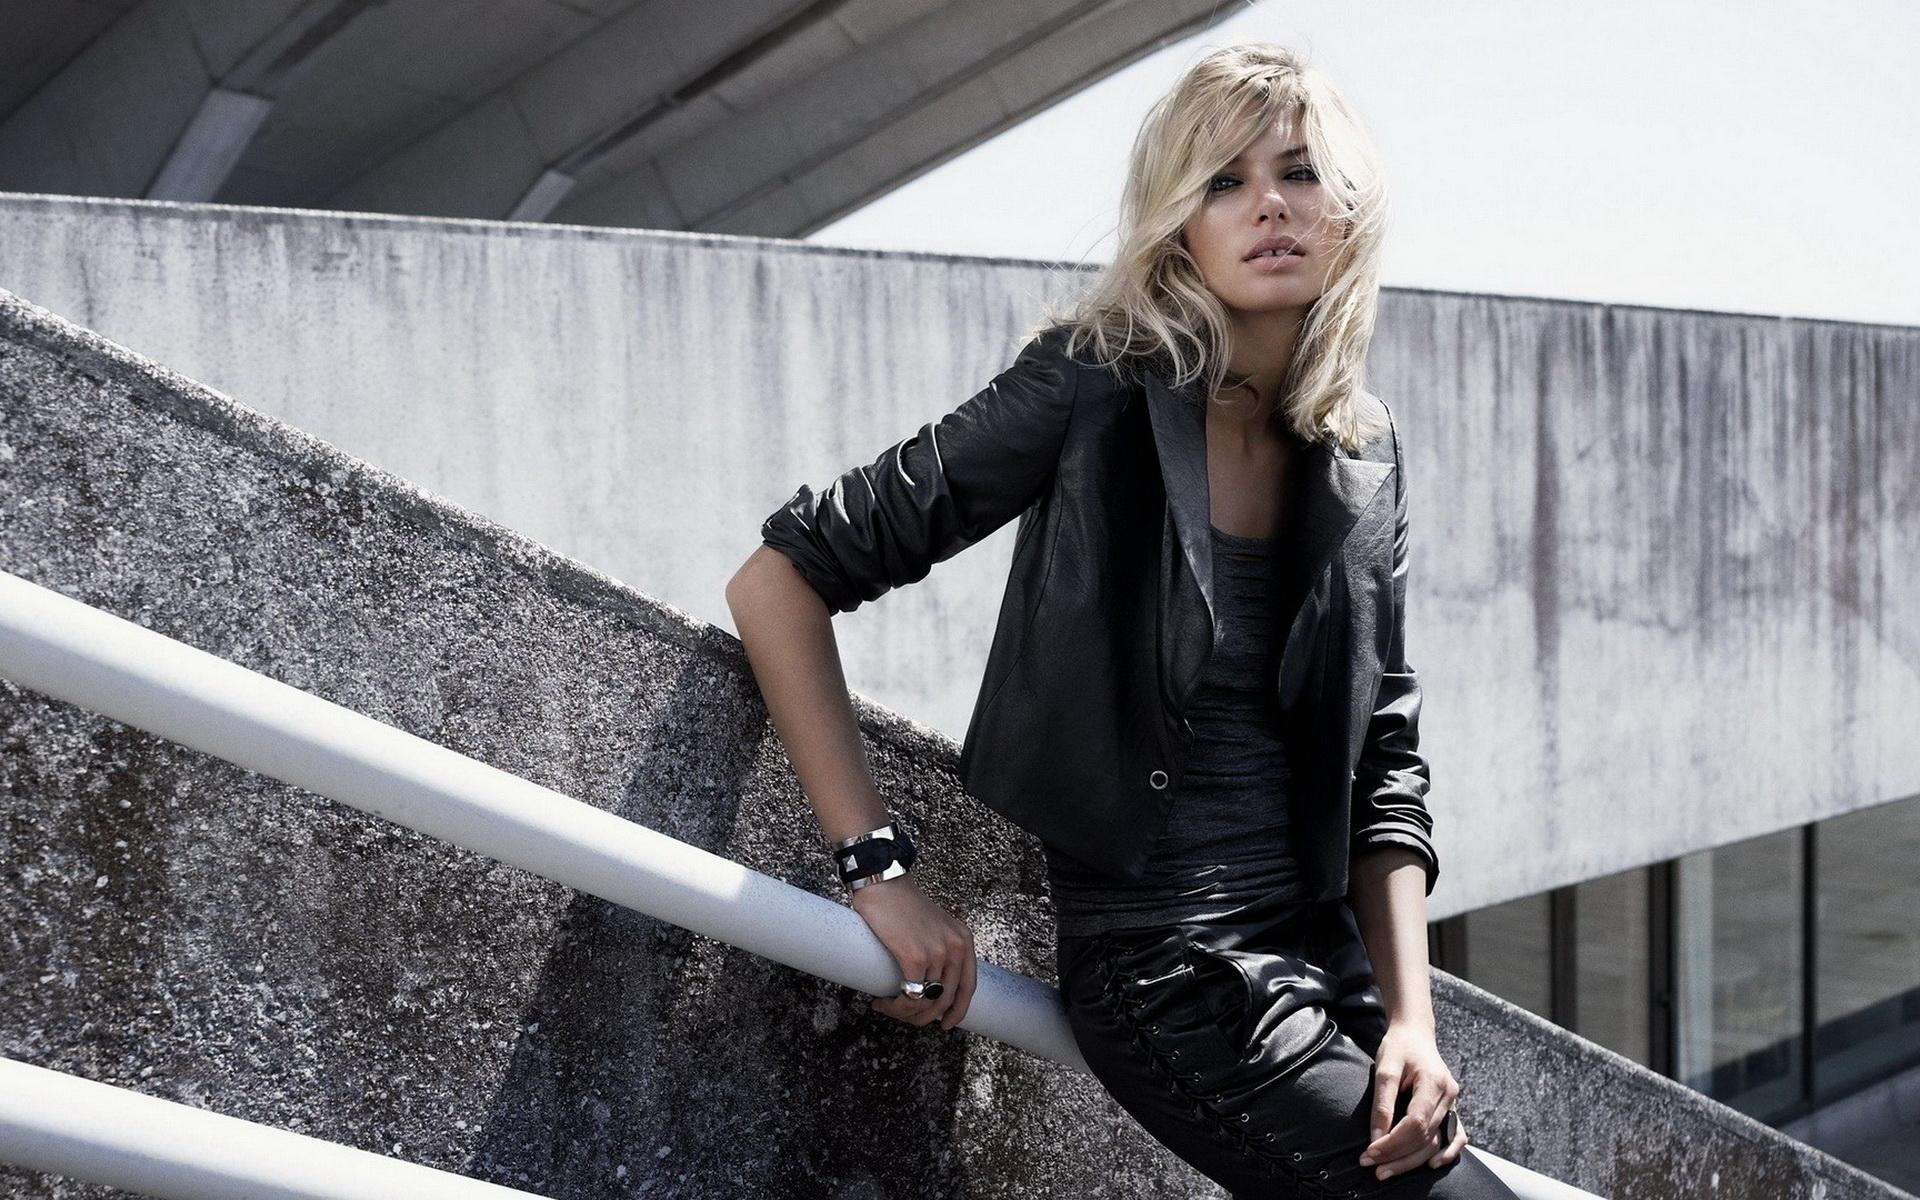 Картинка блондинки в костюме черном